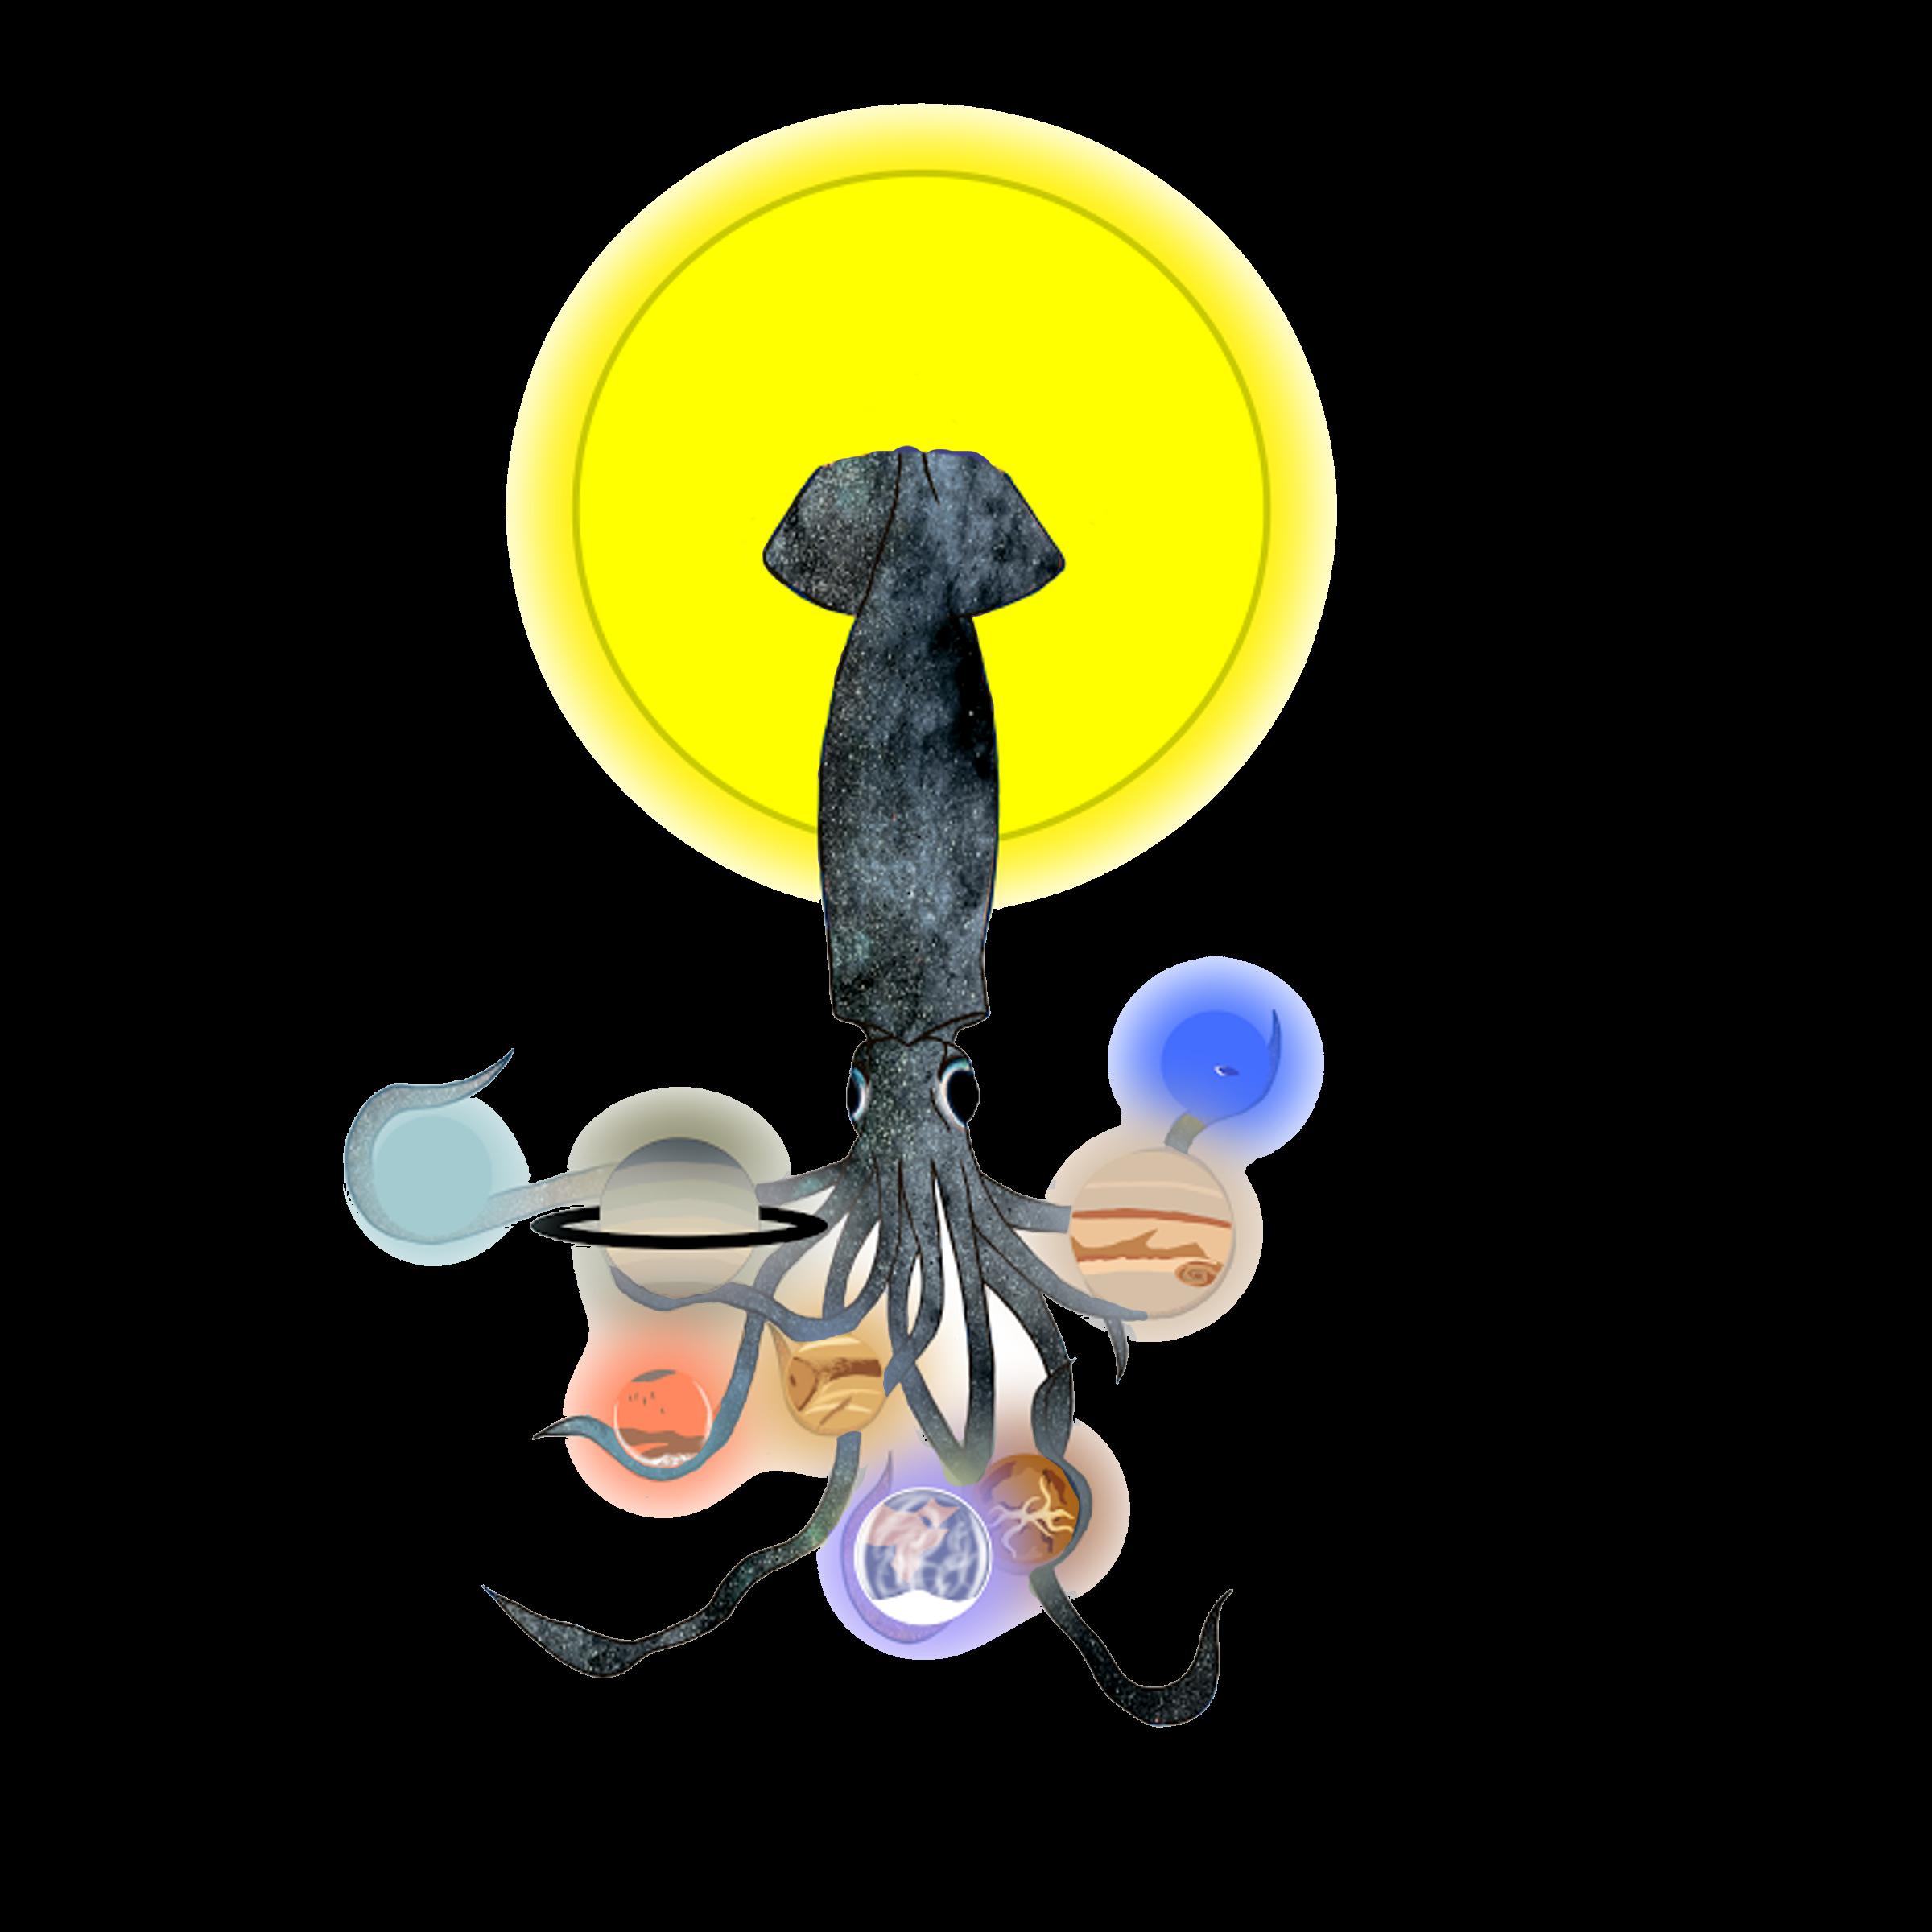 SquidSystem